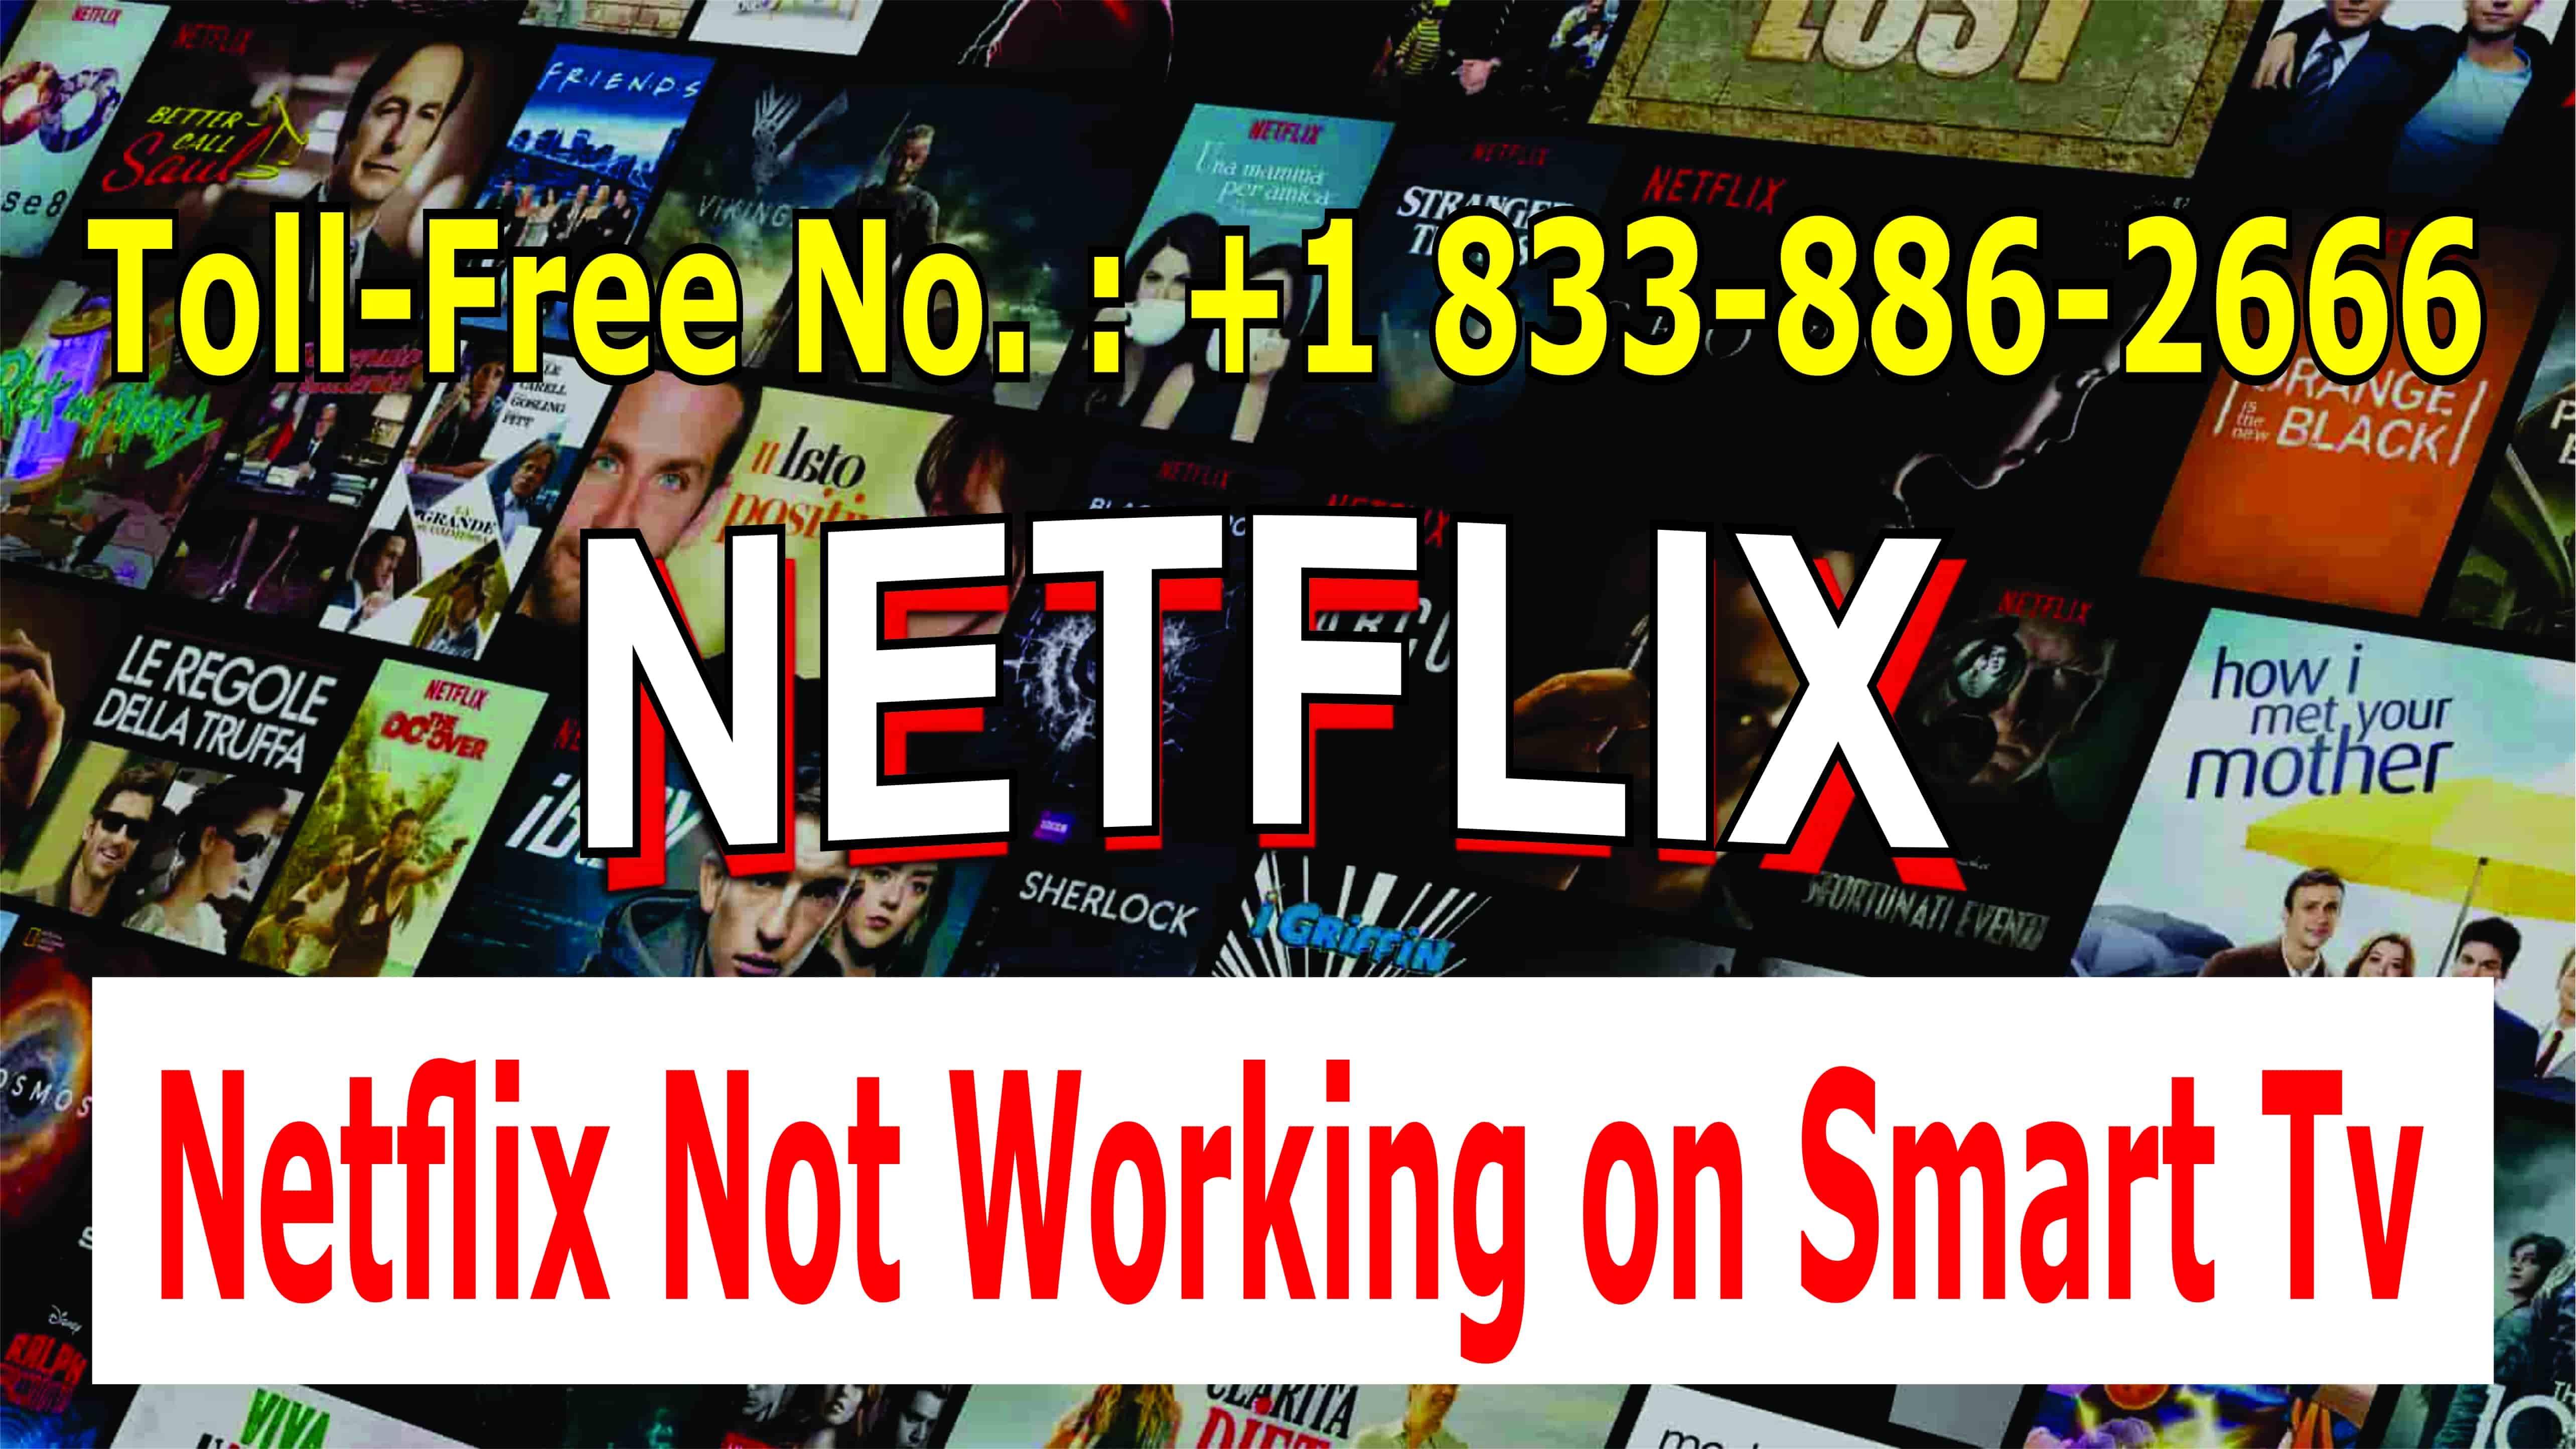 a87a62216002ee2da00b0d9478a0e885 - How To Get Netflix App On Samsung Smart Tv